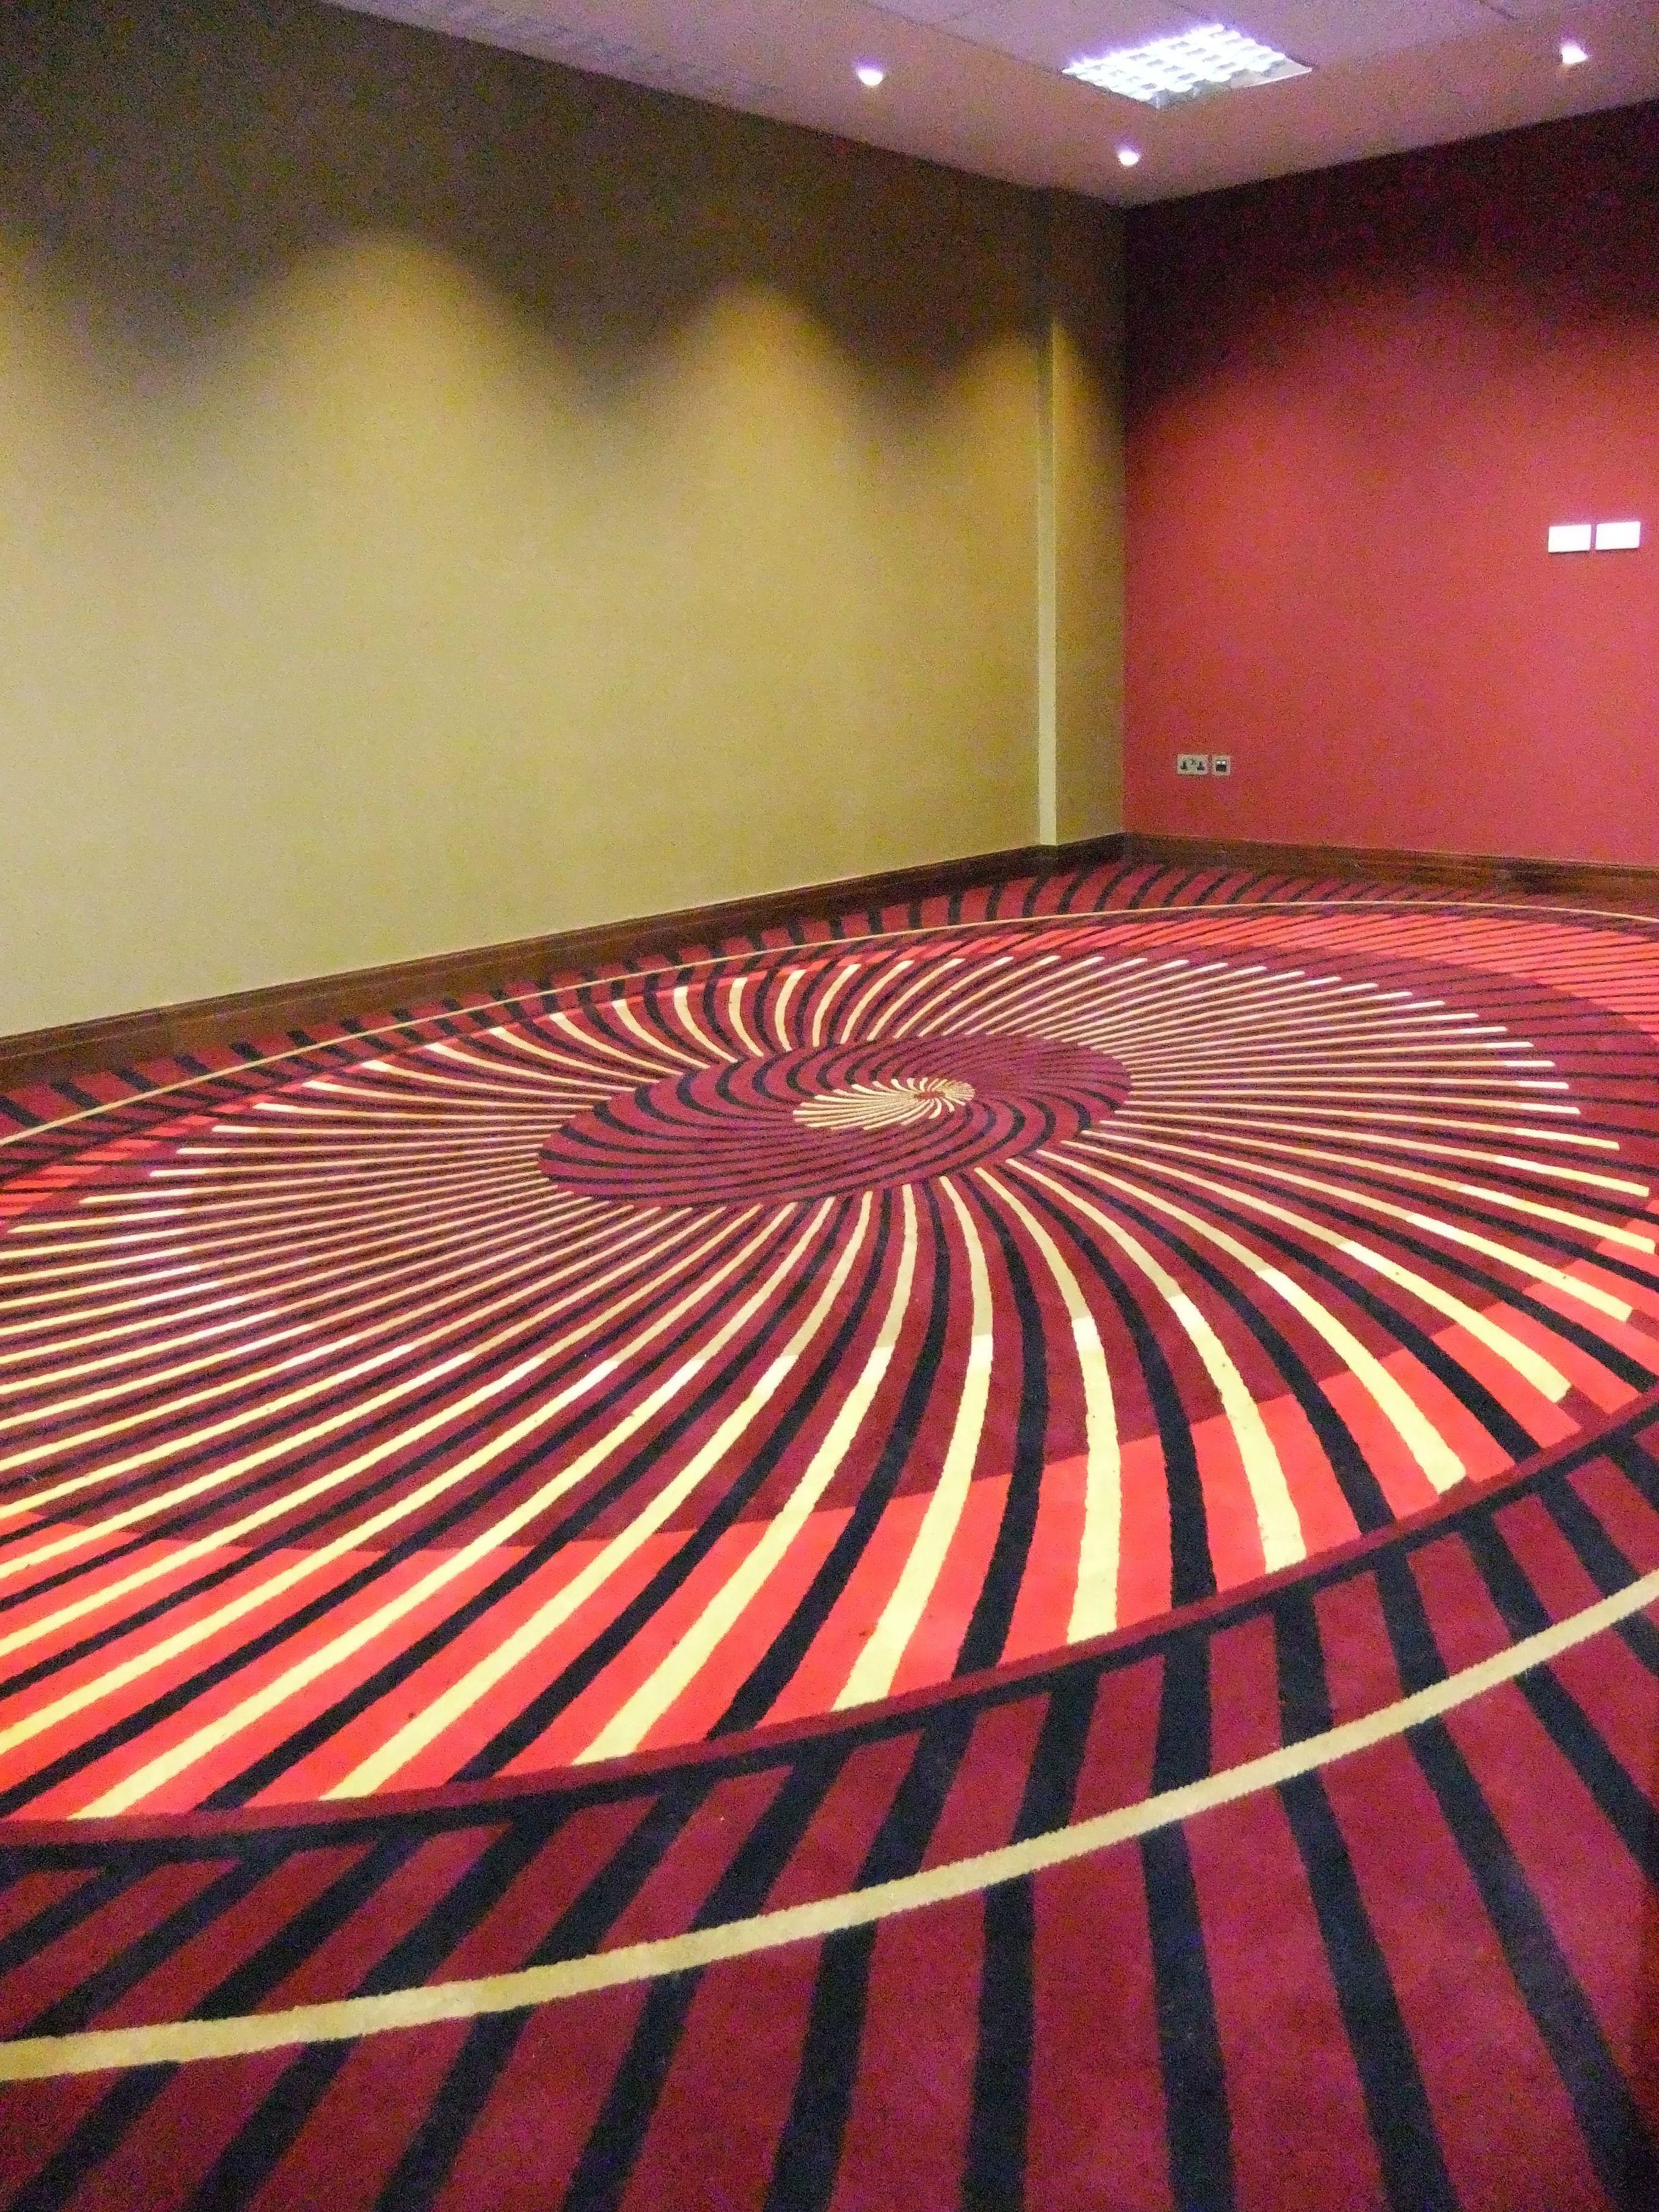 Hotel Design Carpet Design Flooring Ideas Contemporary Design Hotel Style Modern Design Modern Pattern Ho Modern Design Hotel Carpet Contemporary Carpet